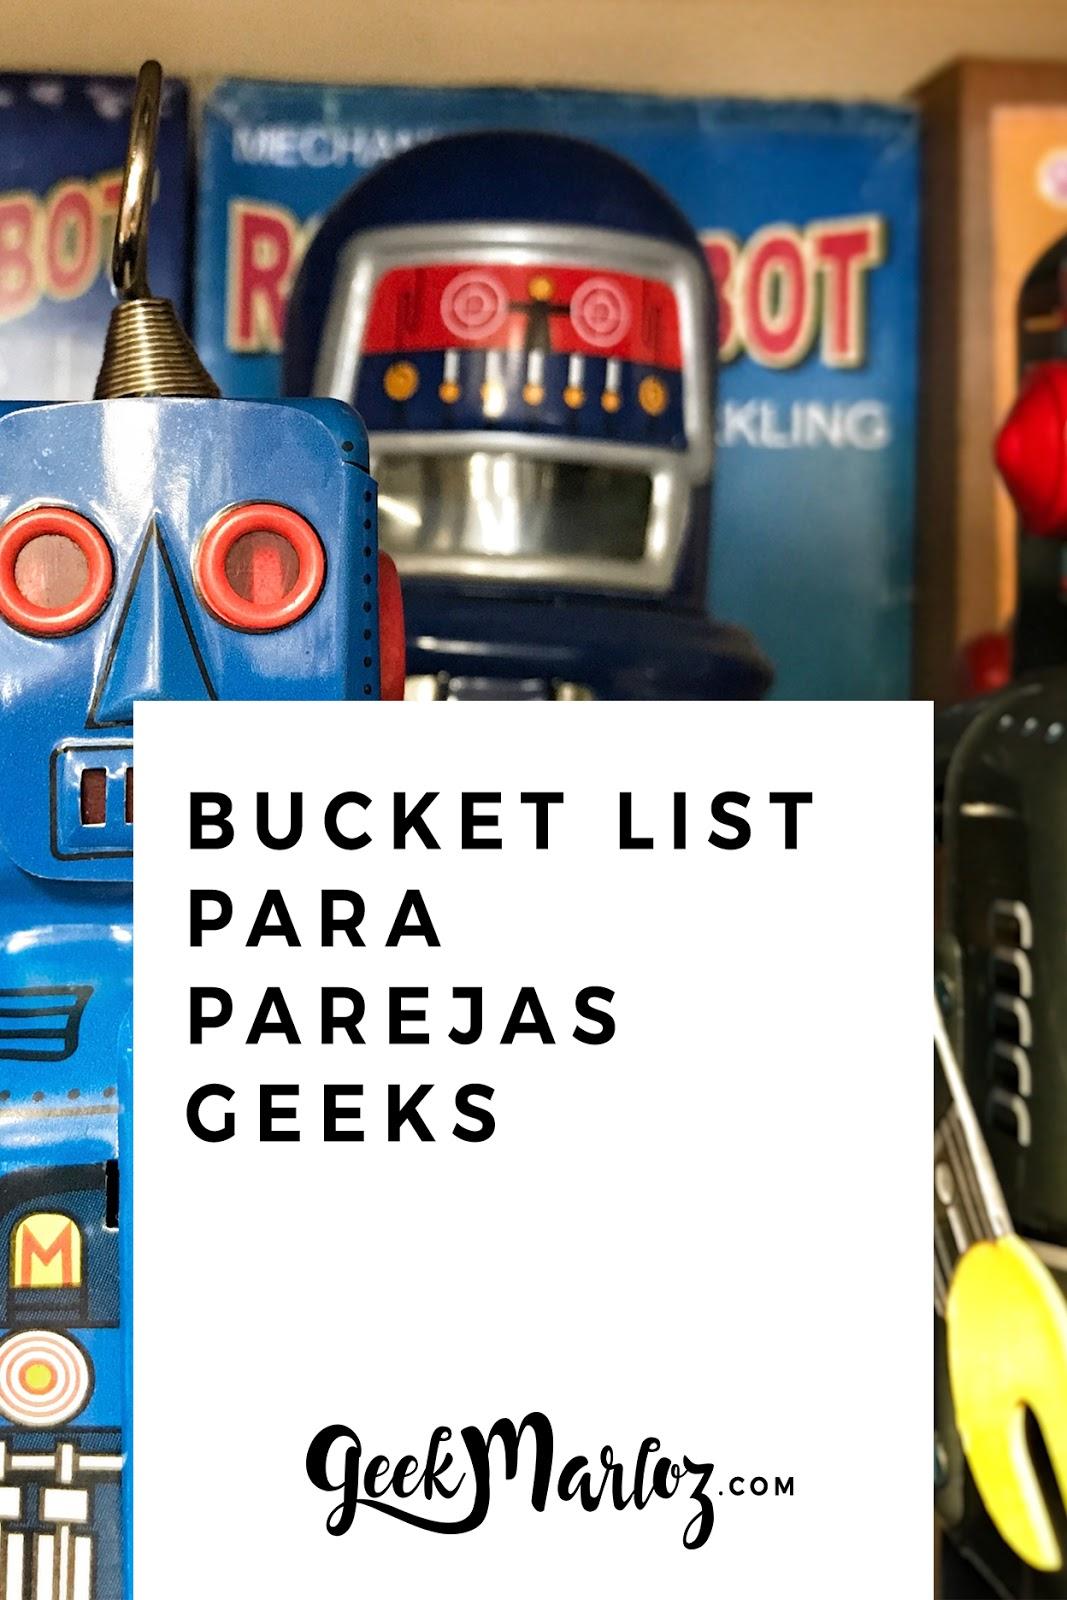 Bucket list para parejas geeks